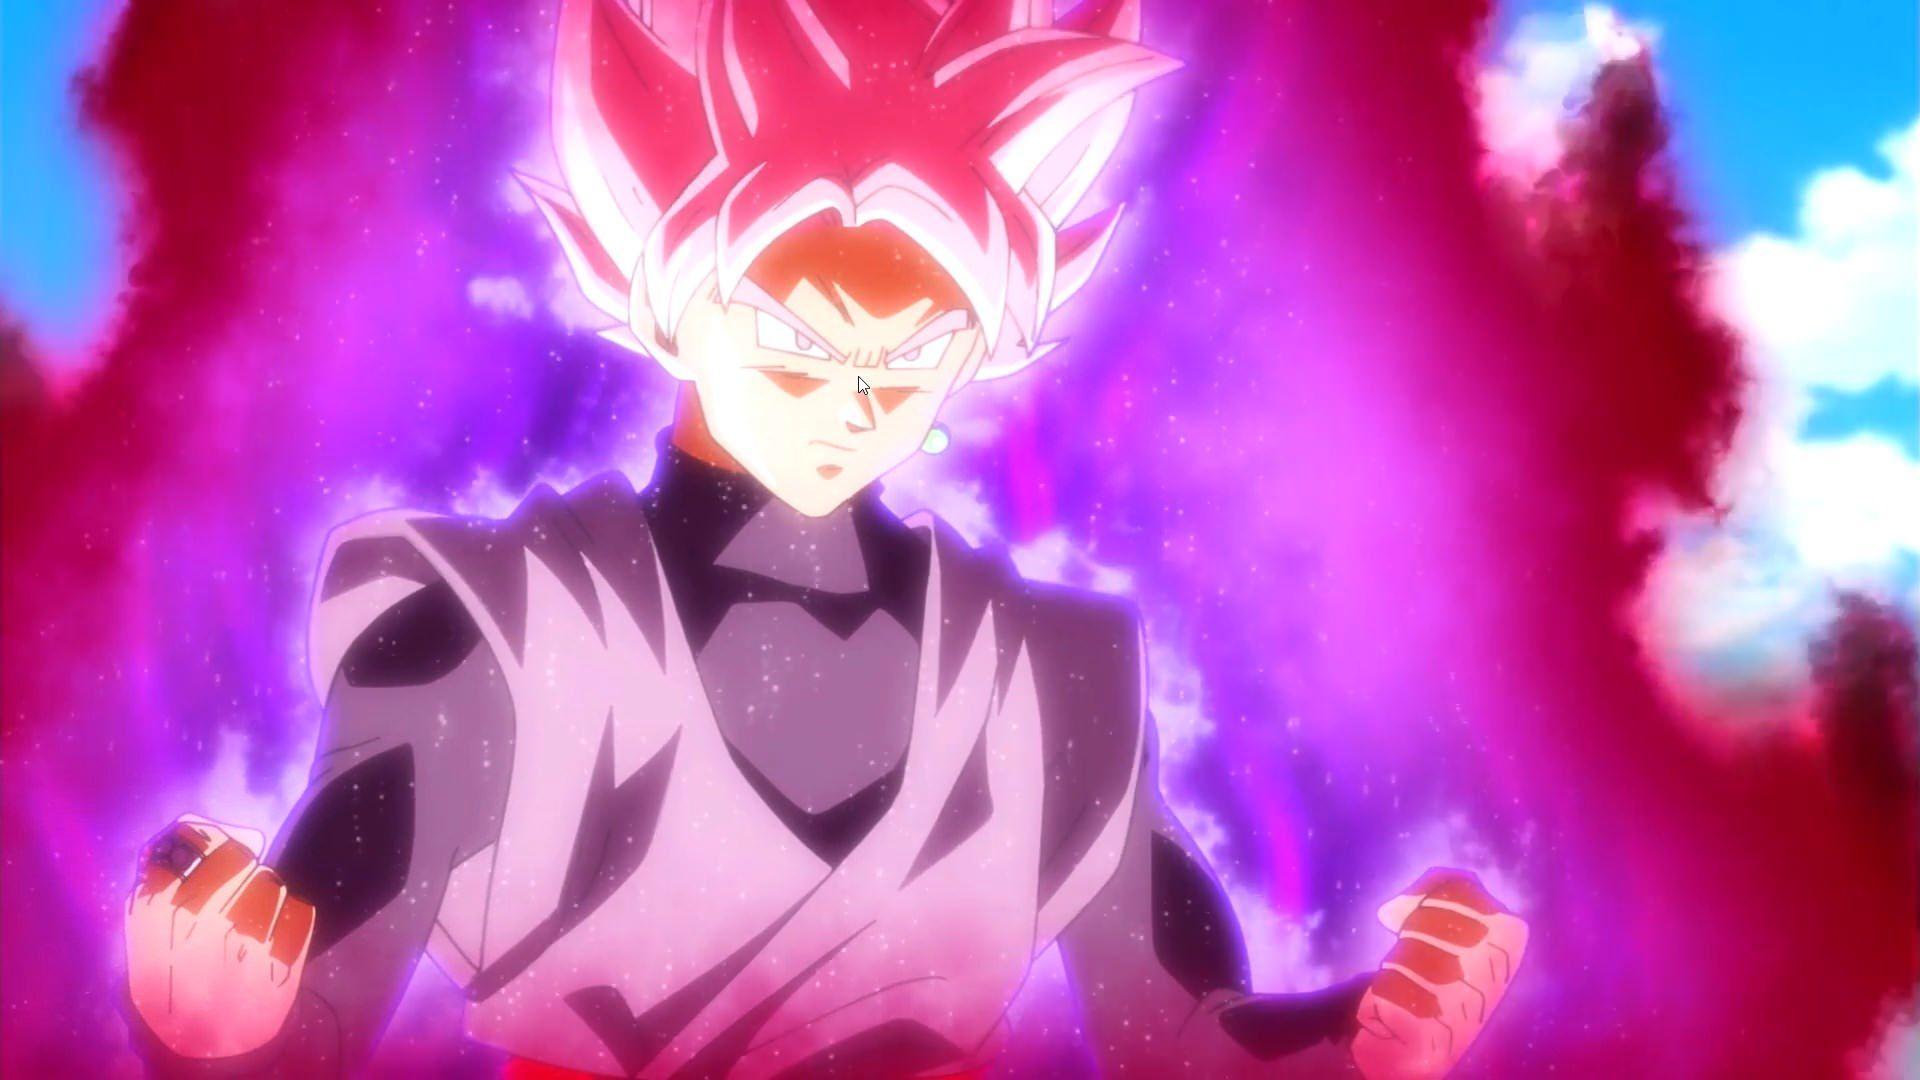 Super Saiyan Rose Wallpaper Hd: Black Goku Rose Wallpapers